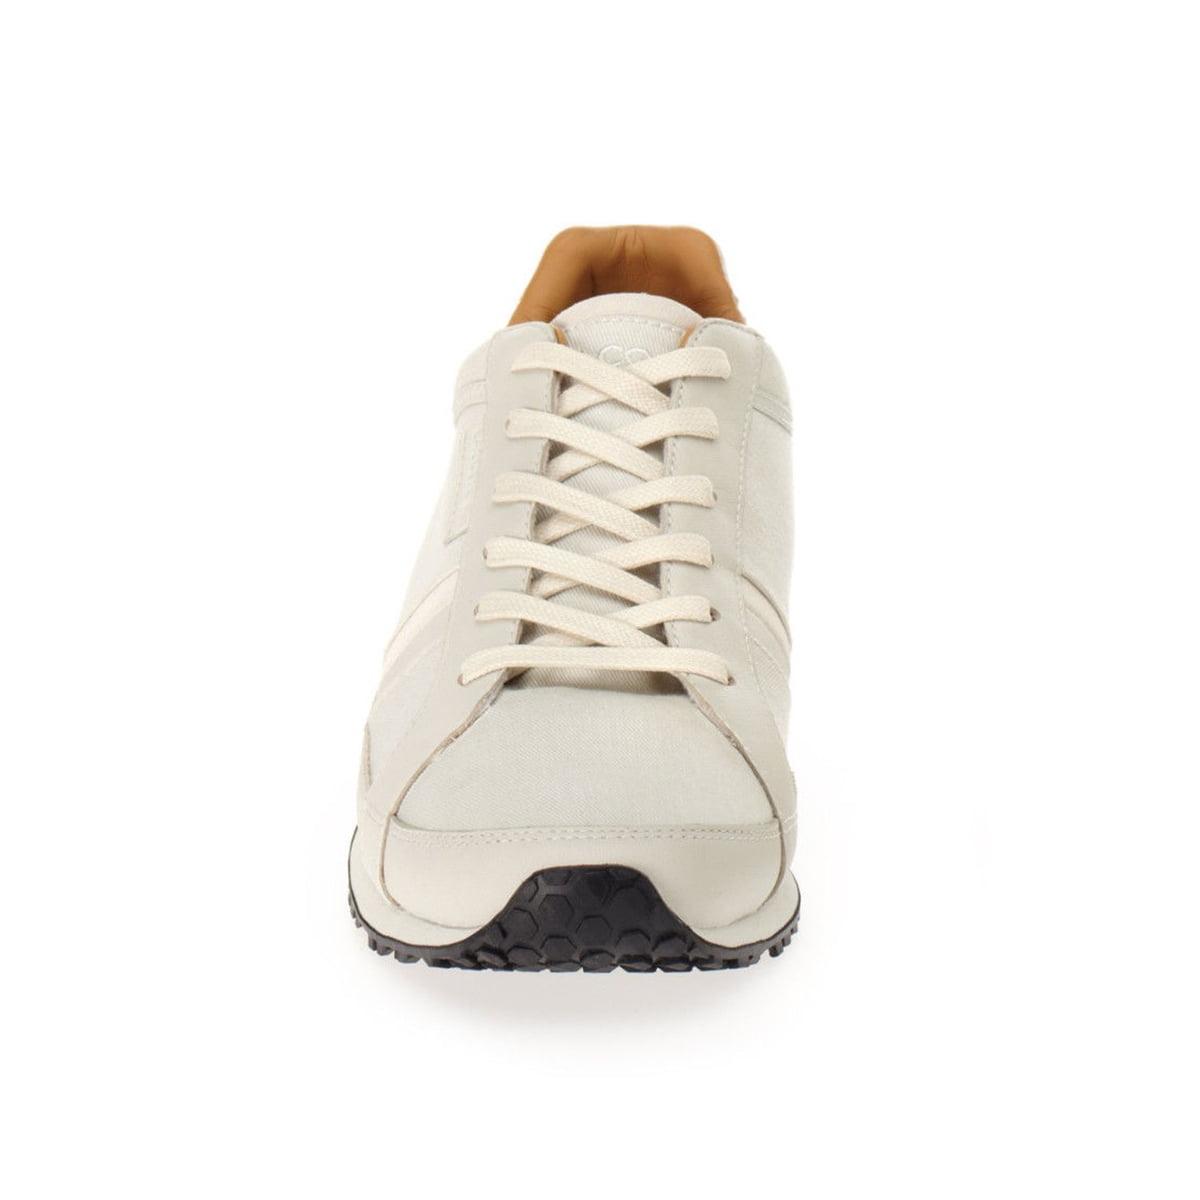 4dbf7d66d Lacoste - Lacoste Men Lacoste Mortain 3srm Canvas leather - Walmart.com